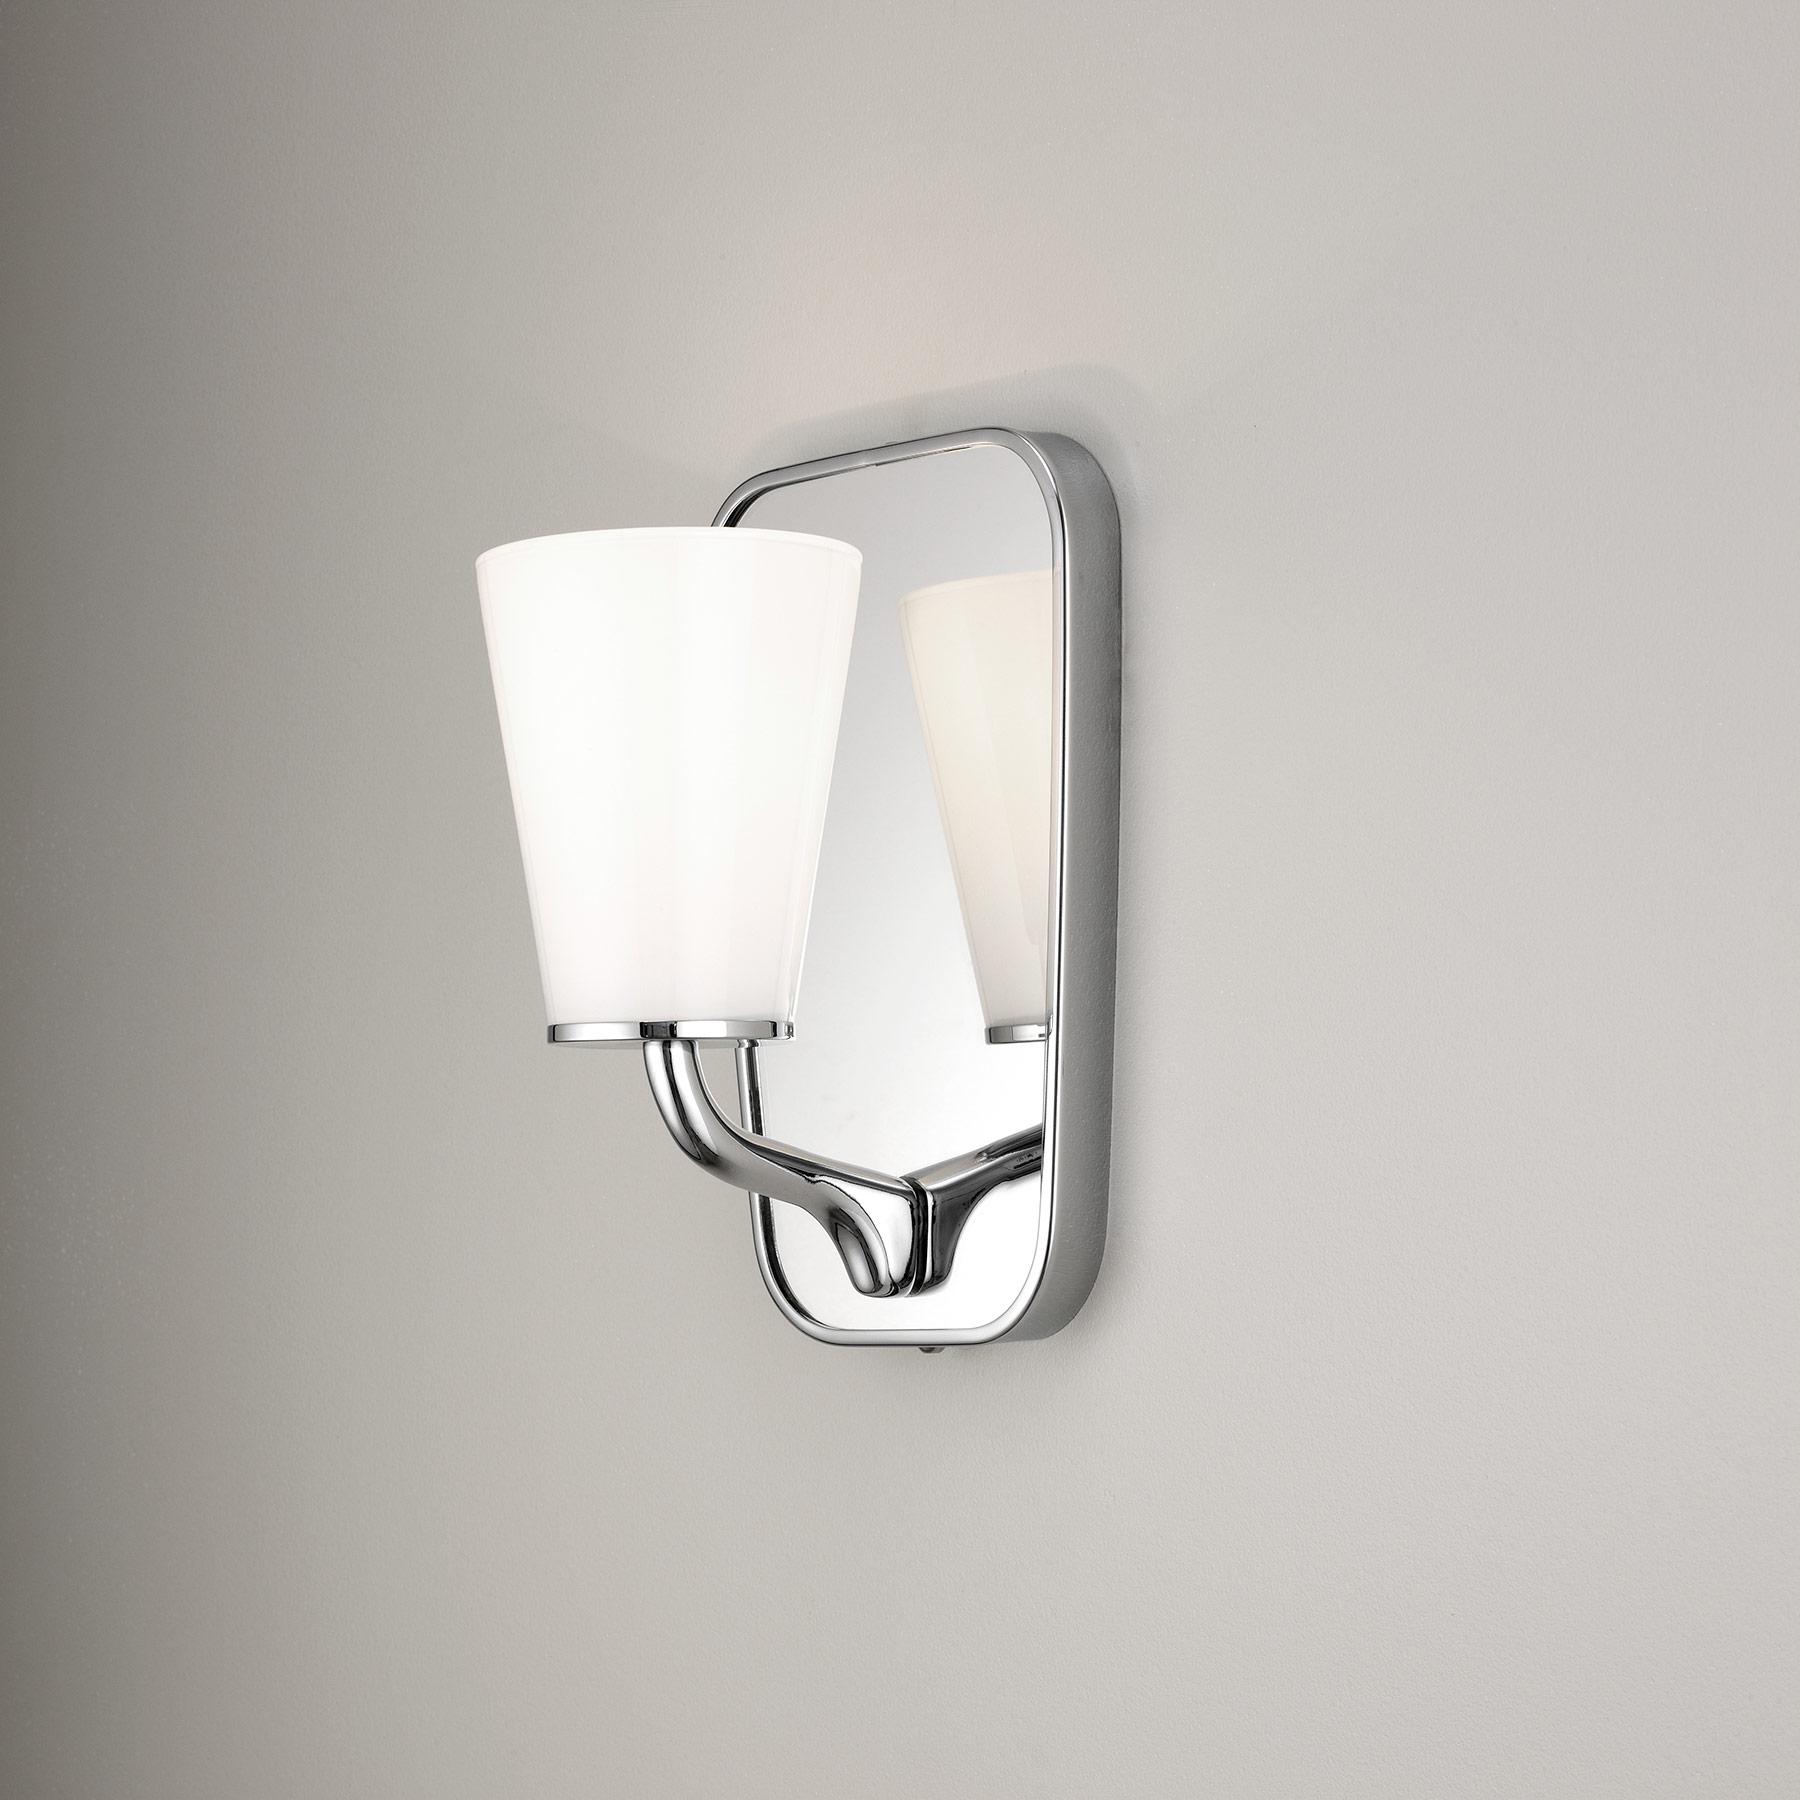 Modern Twinkle Wall Mount Lamp